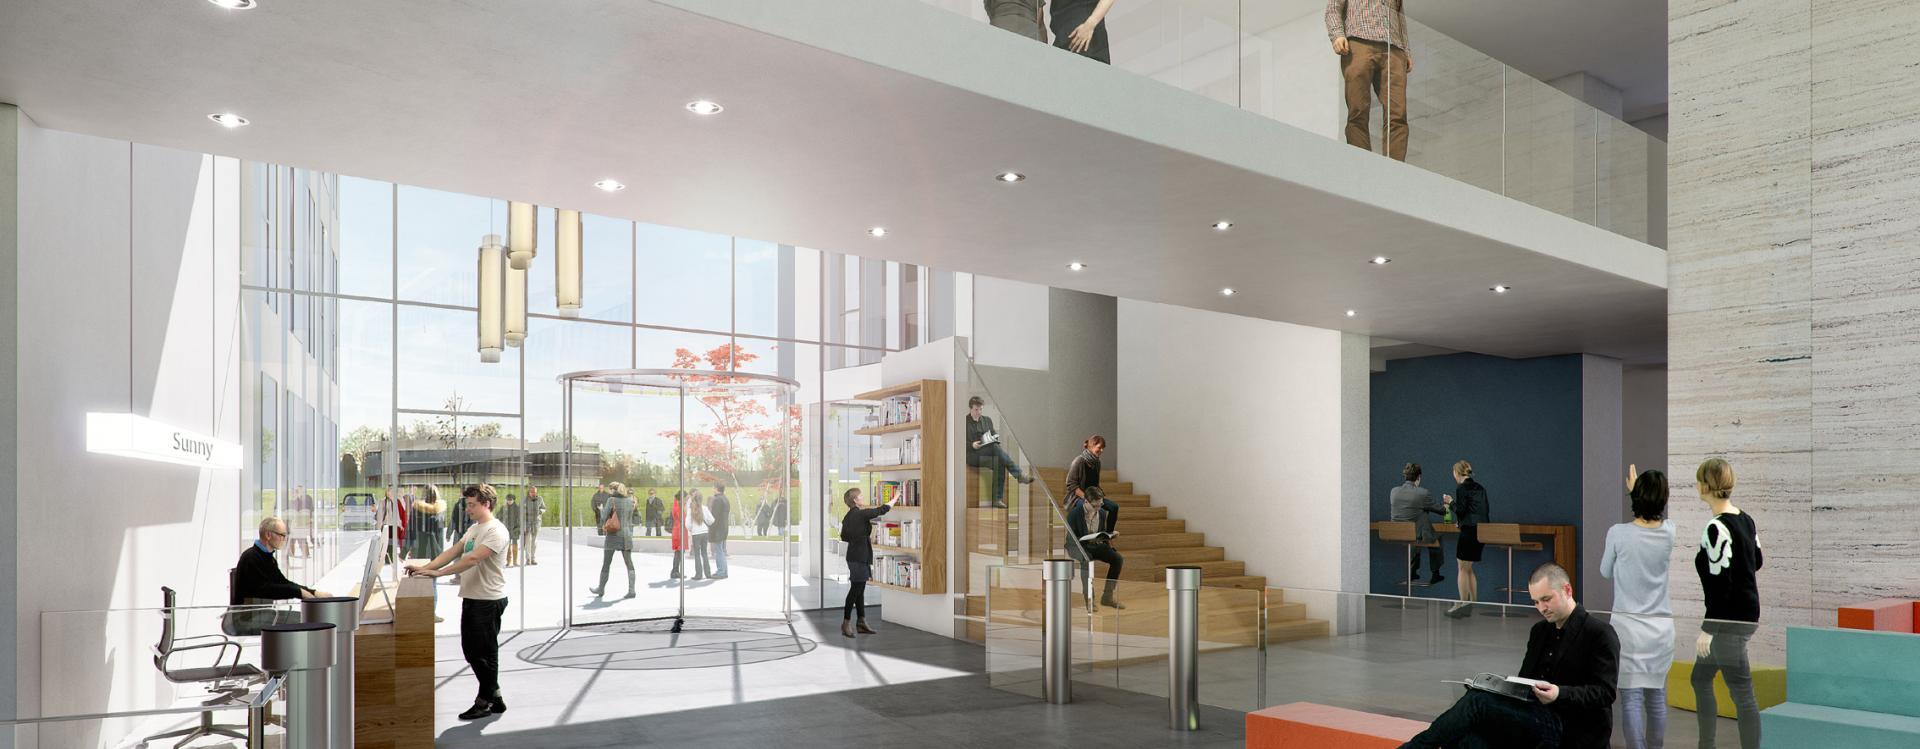 Le Groupe GA réalise le nouveau siège régional d'une grande compagnie d'assurance à proximité de Rouen (76)